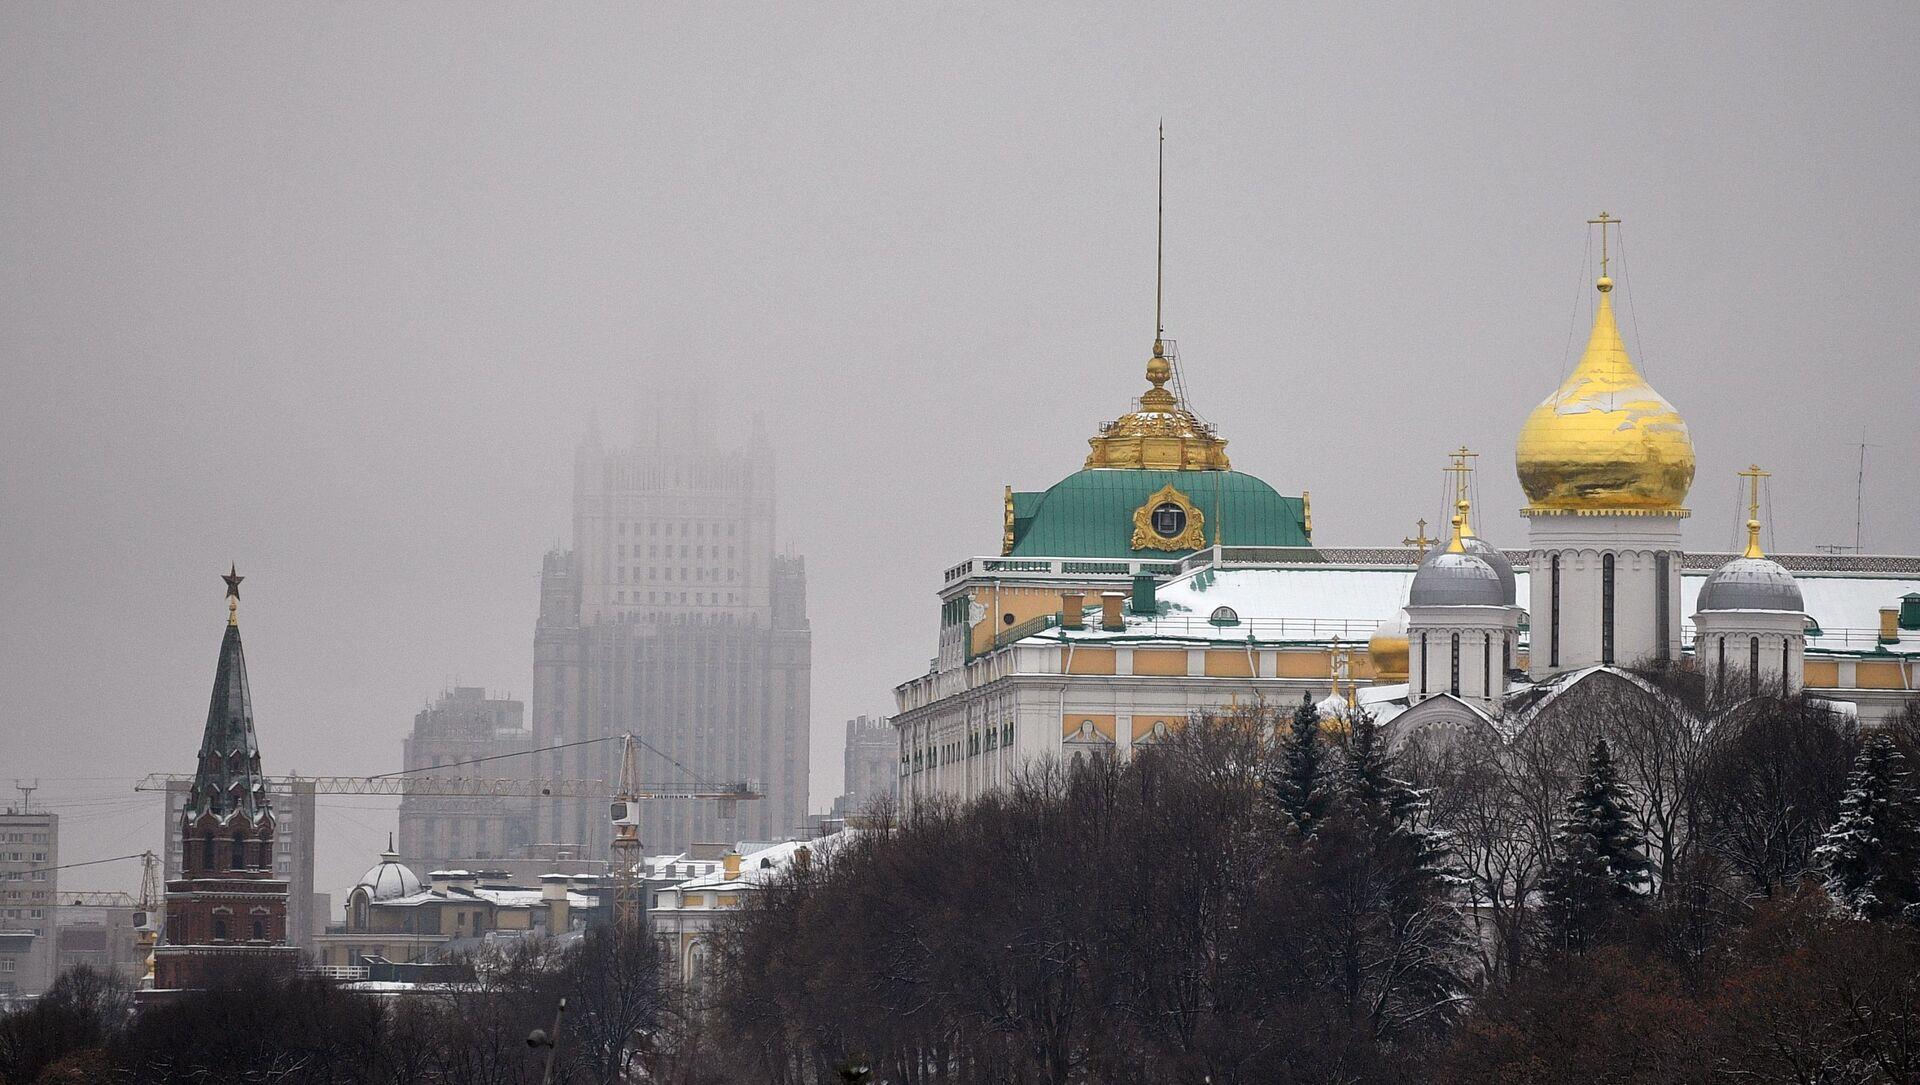 Поглед на Велику кремаљску палату и Сабор Светог архангела Михаила у Кремљу - Sputnik Србија, 1920, 22.03.2021